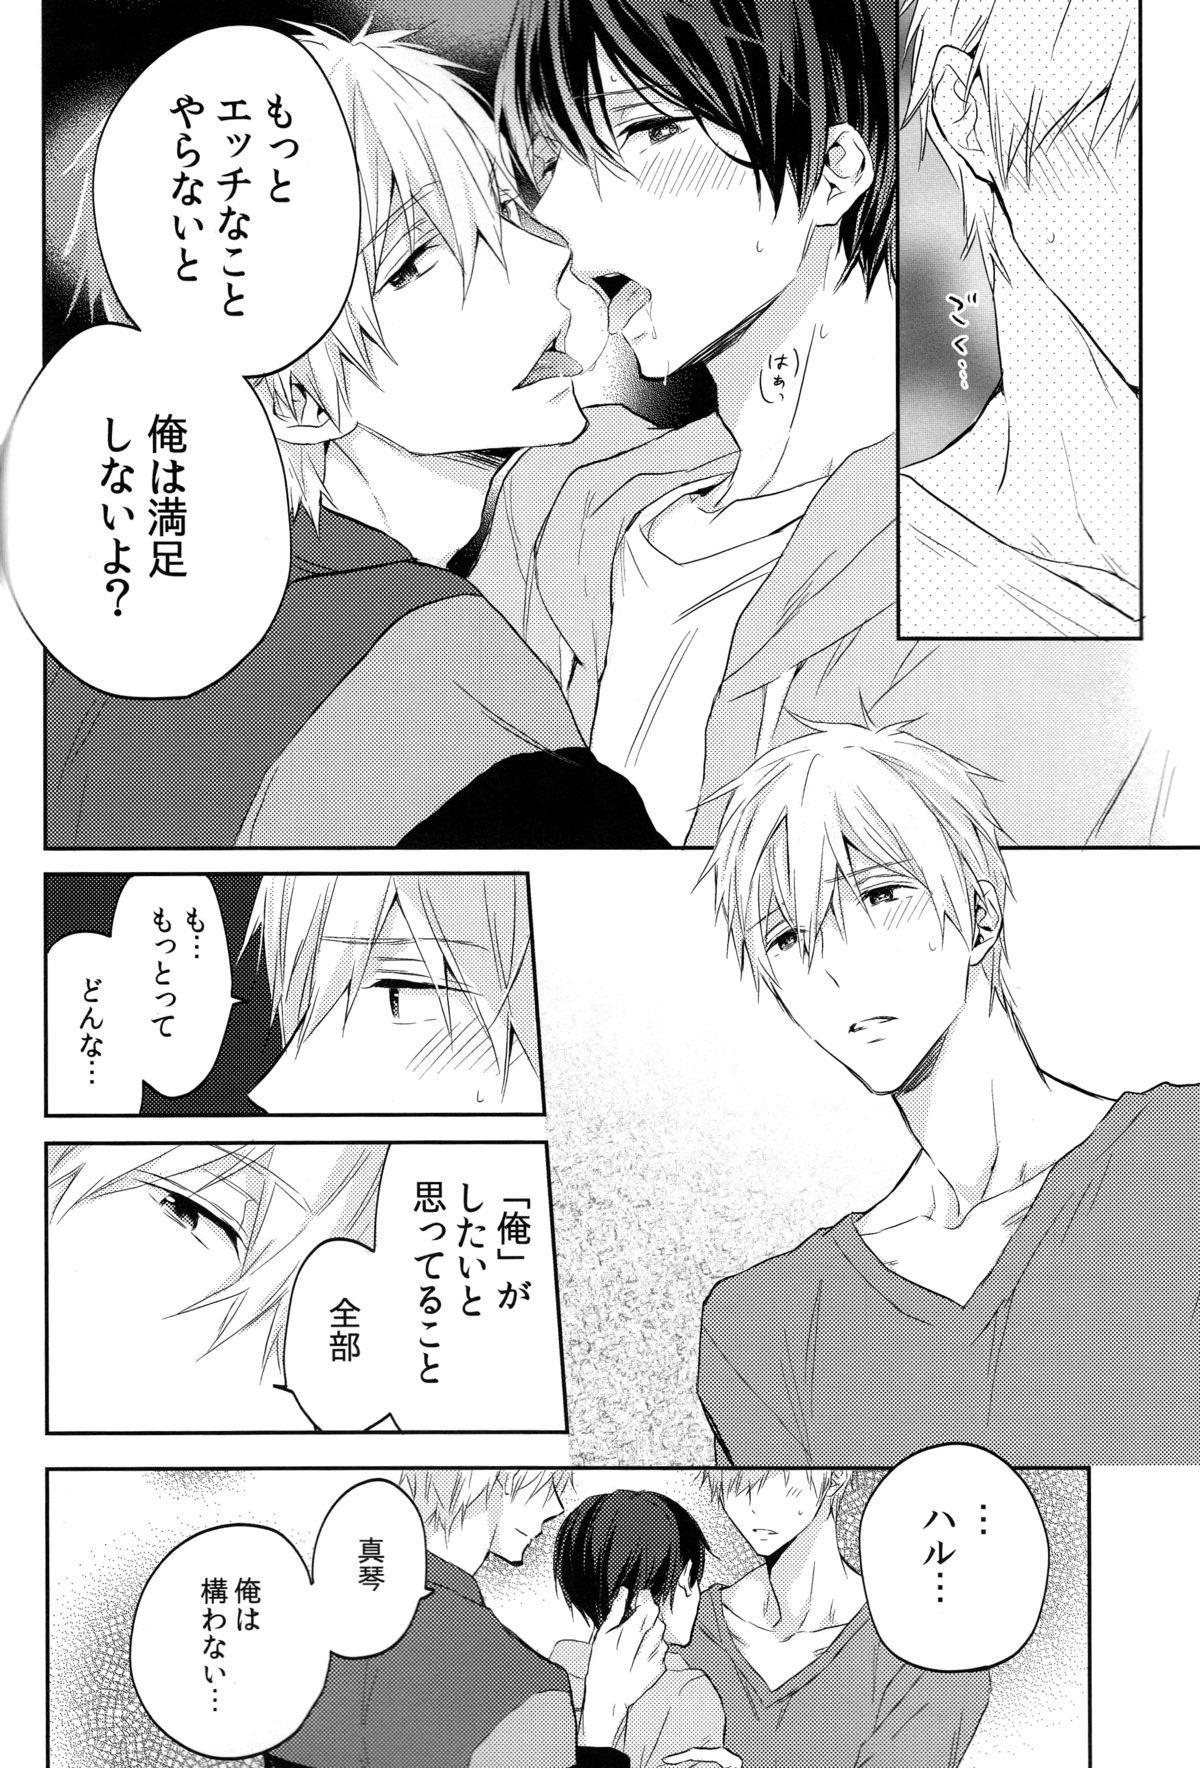 Futari no Makoto 14